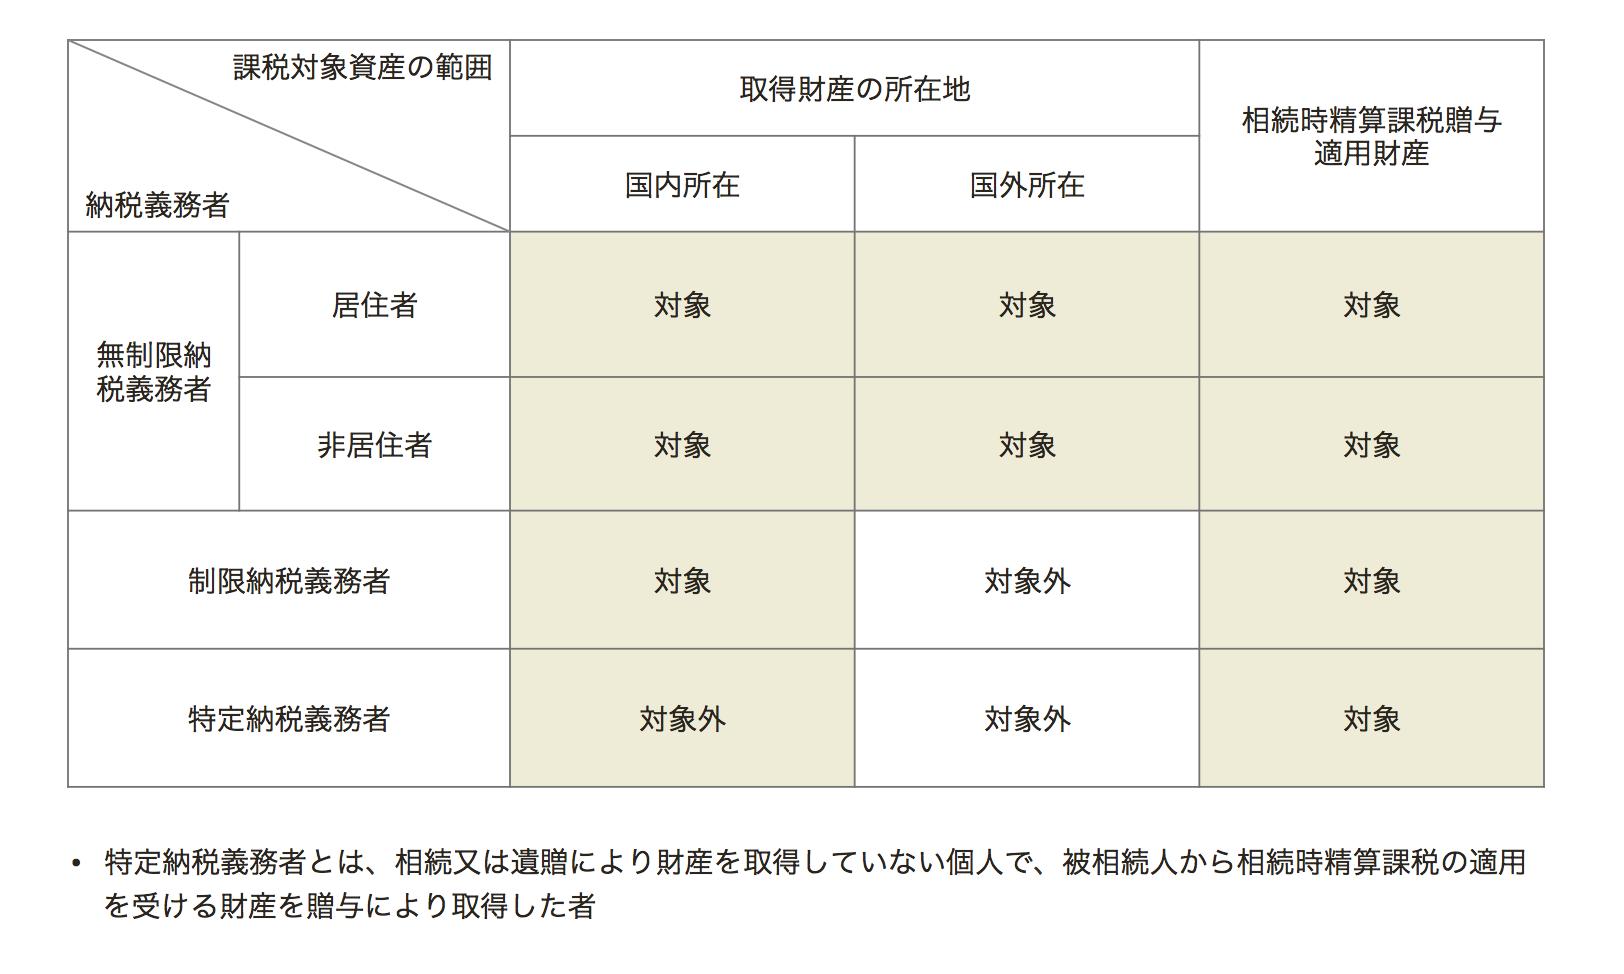 相続税:納税義務者の区分と課税対象財産の範囲